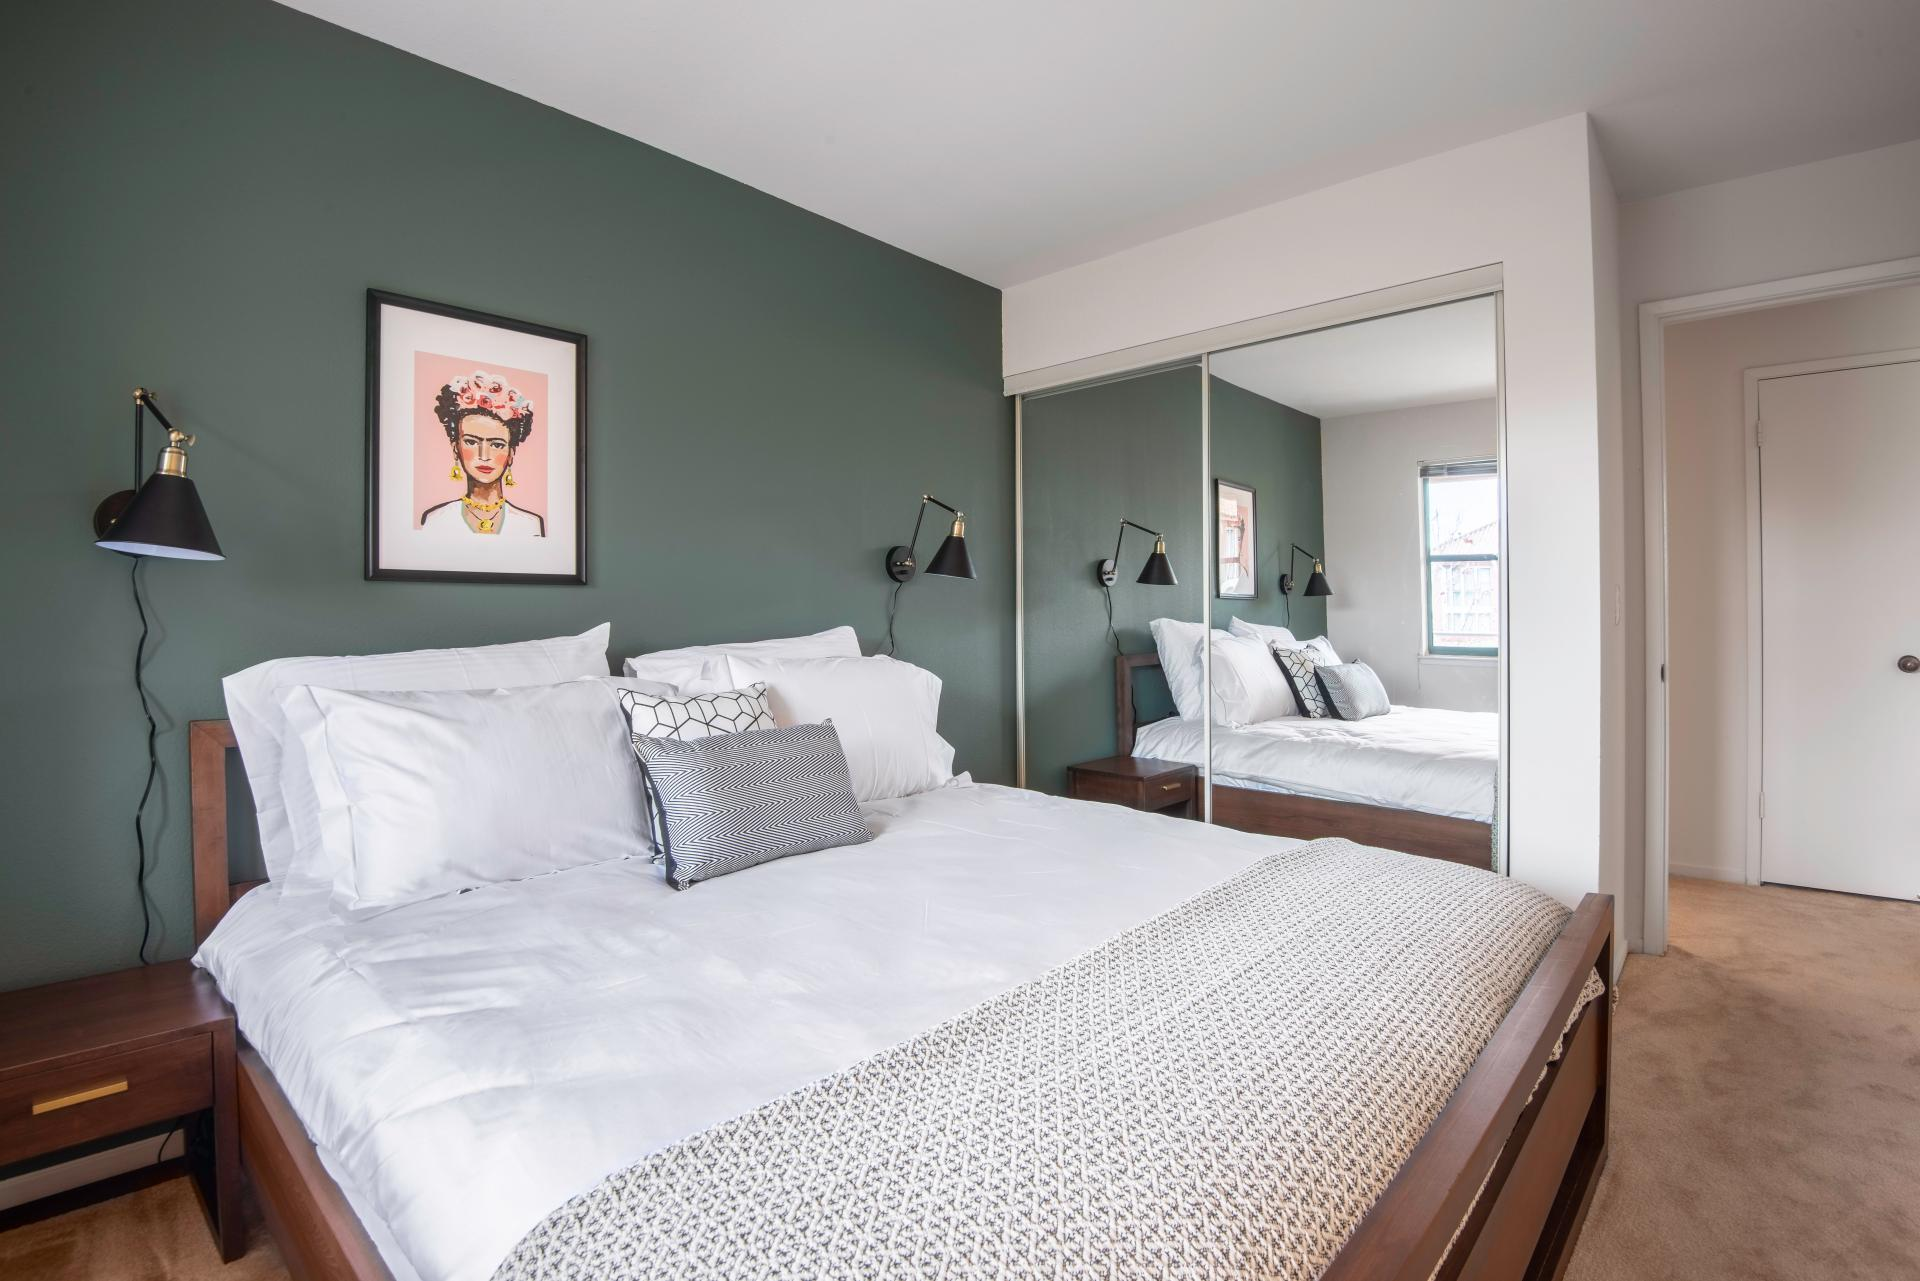 7 Small Bedroom Design Ideas - Blueprint on Small Bedroom Ideas  id=93818